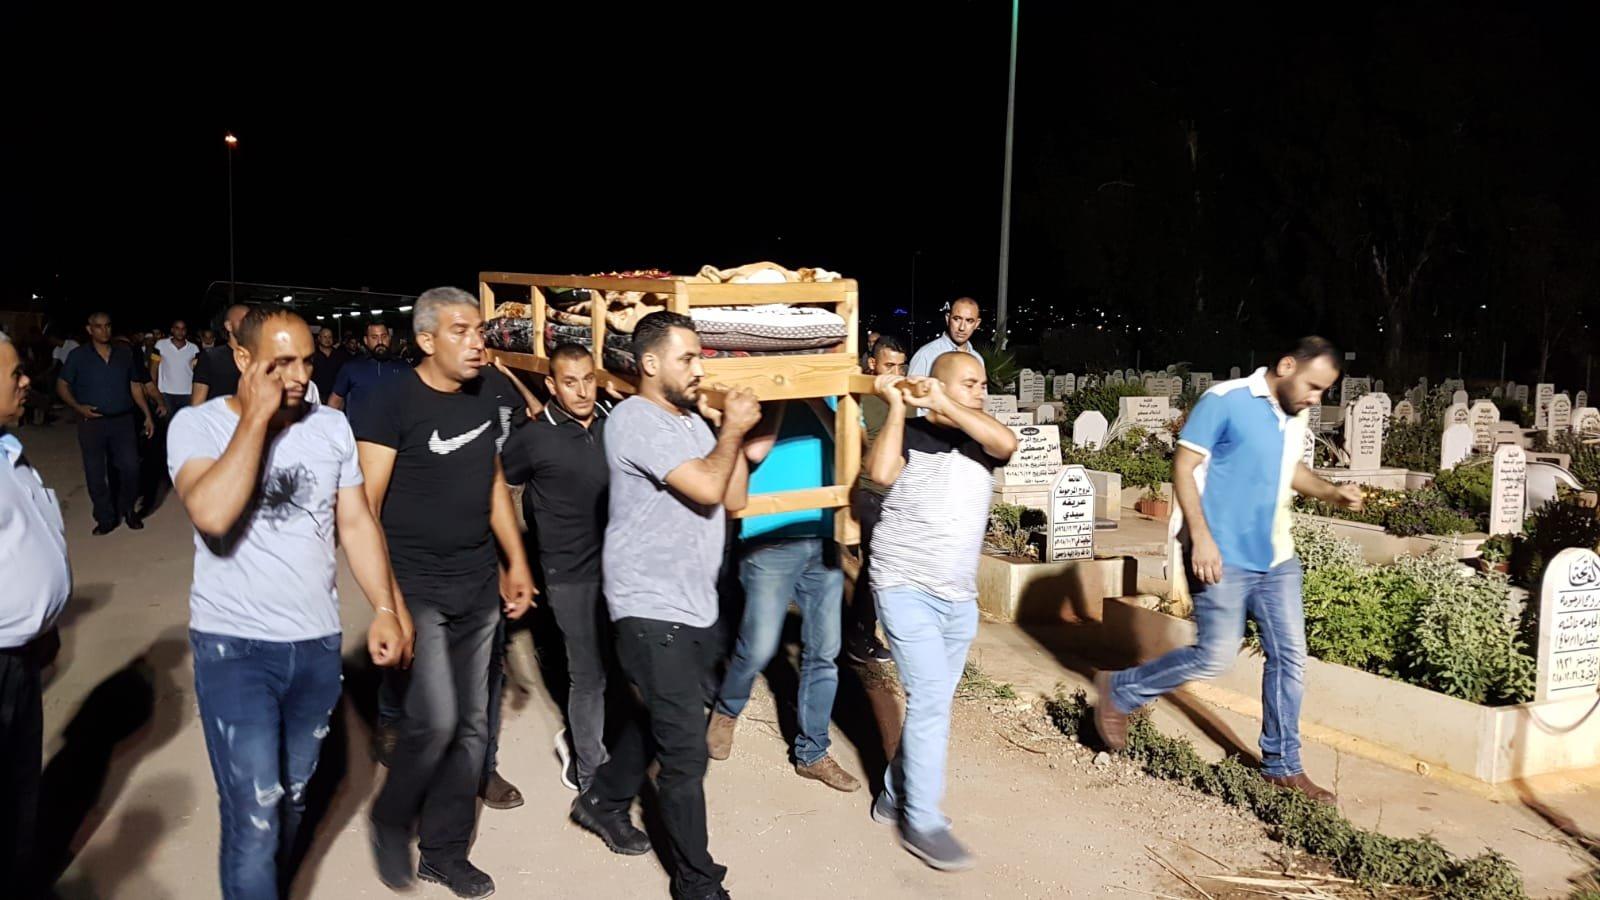 المكر تشيع جثمان المغدورة ياسين واصوات منددة بالعنف